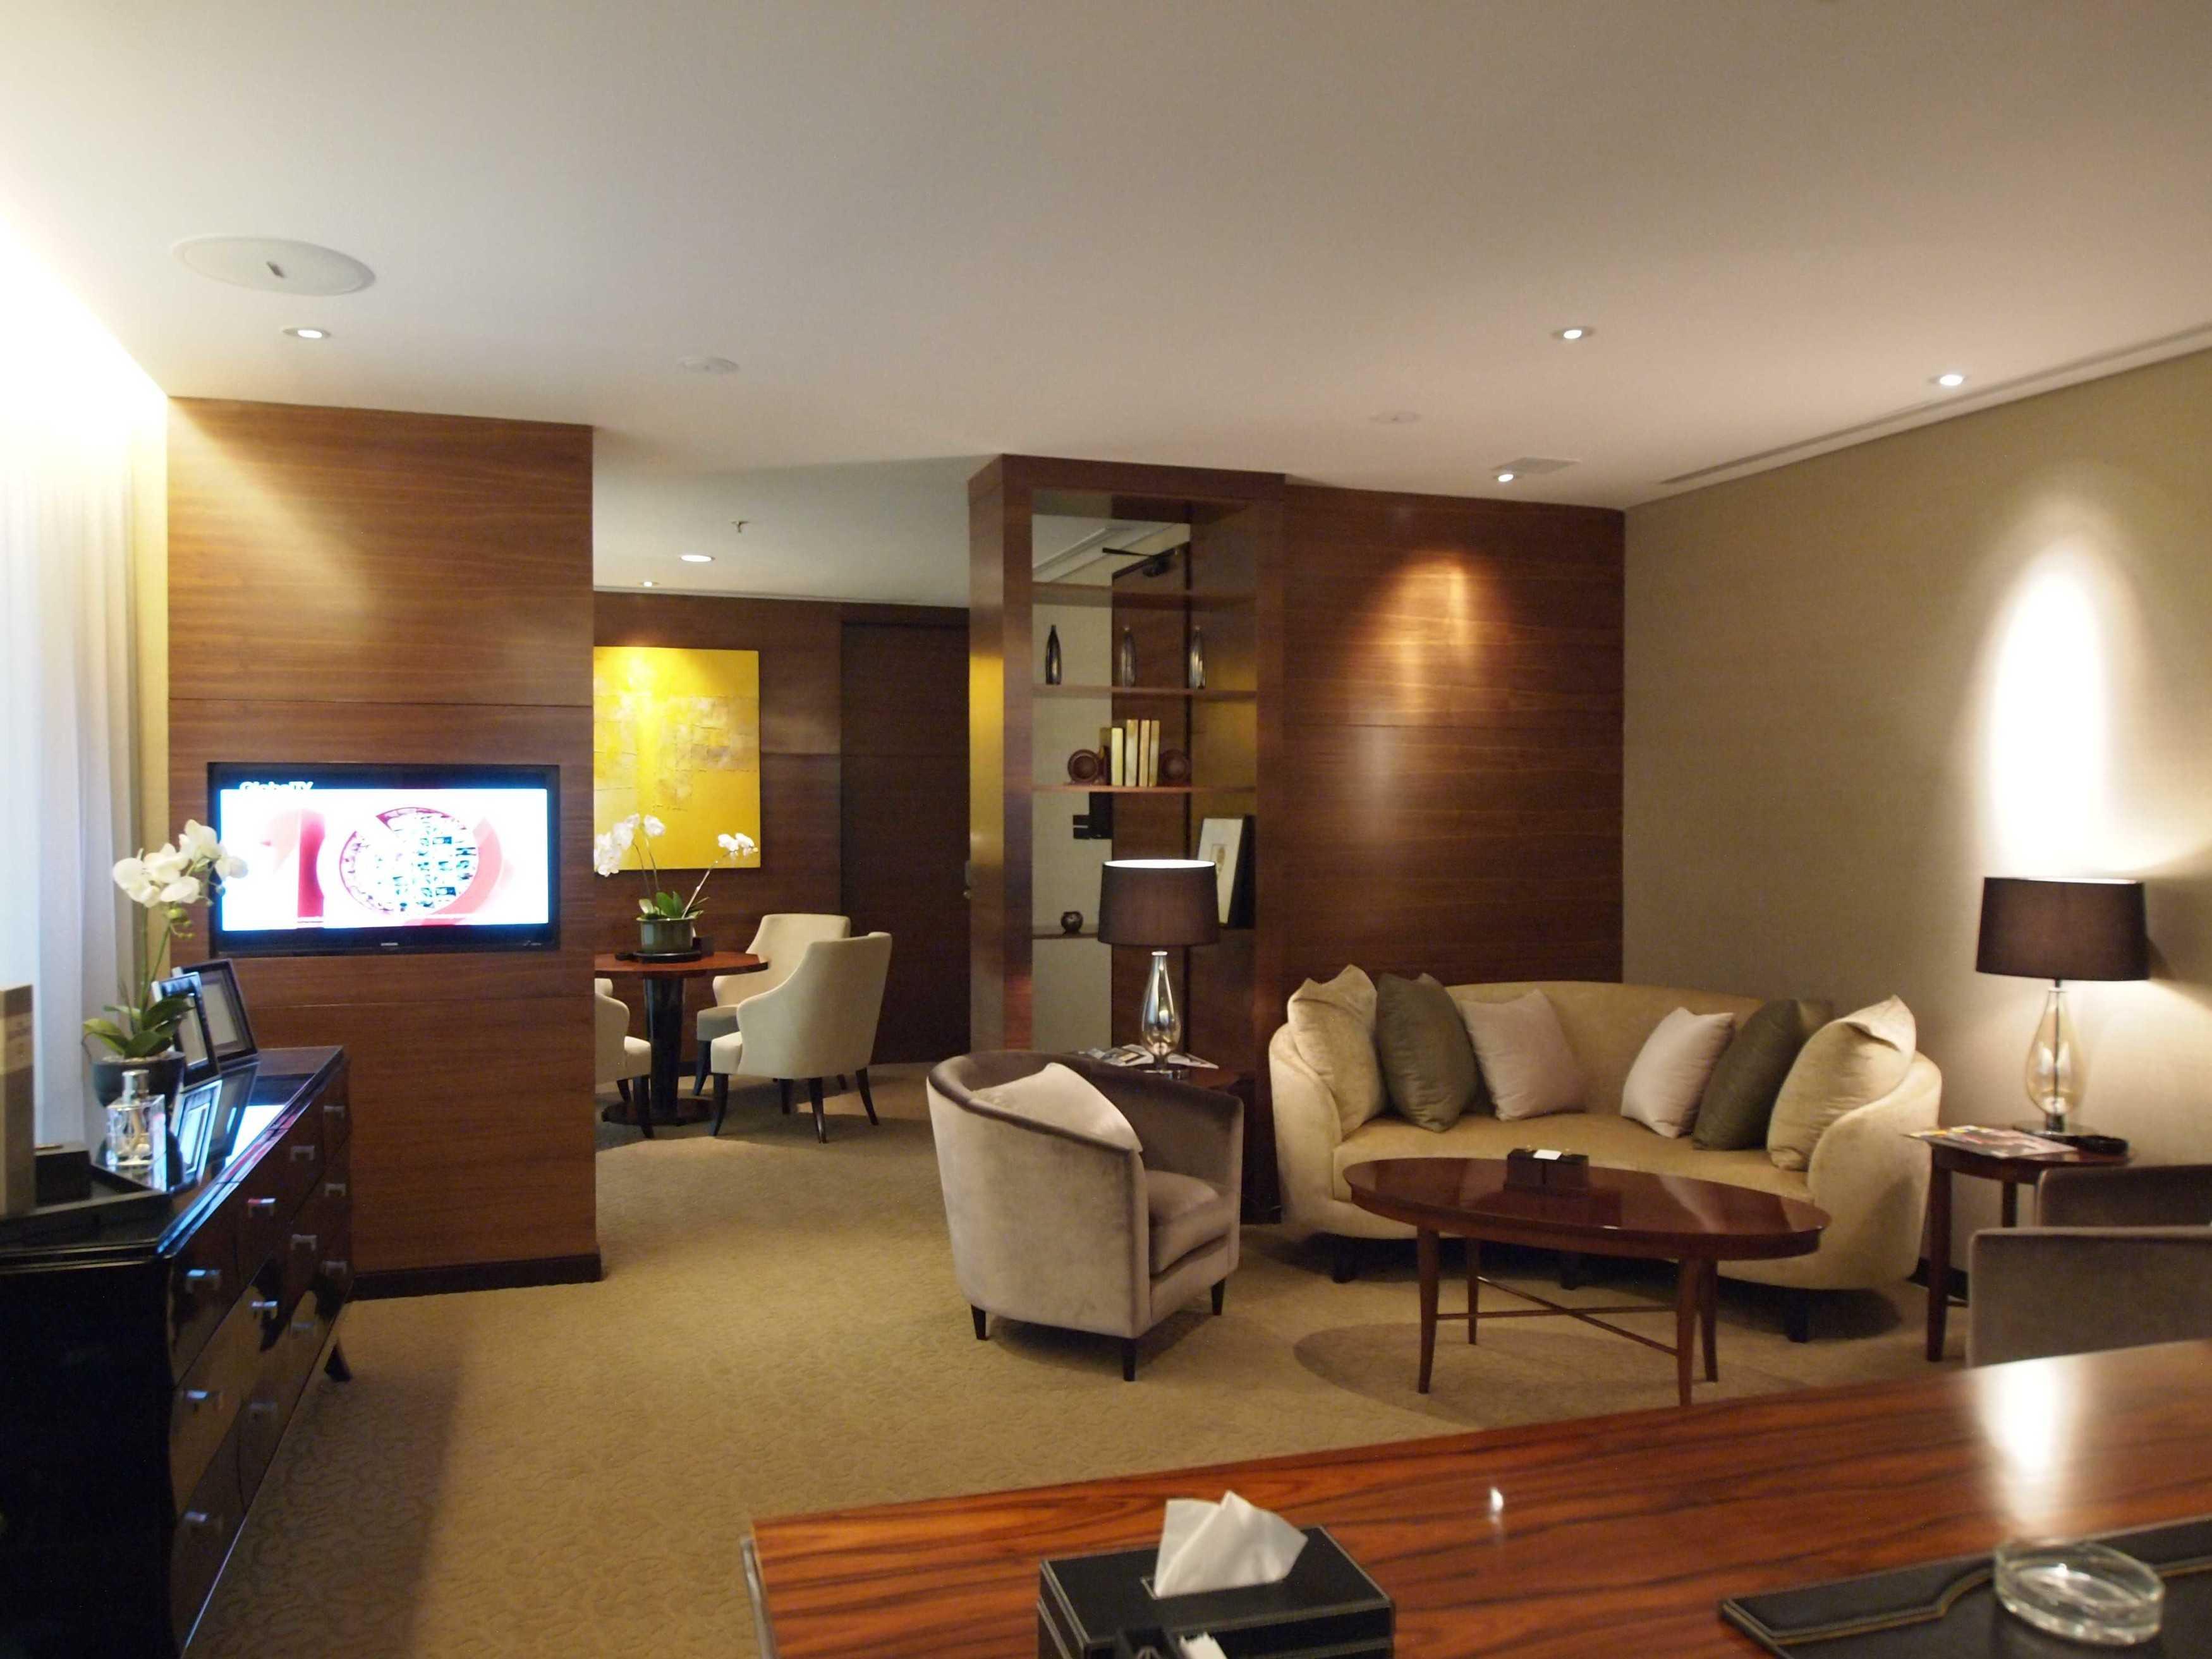 Pt. Garisprada Risjardson Karet Karet P7041219 Modern <P>Lounge At Ceo Room.</p> 25731